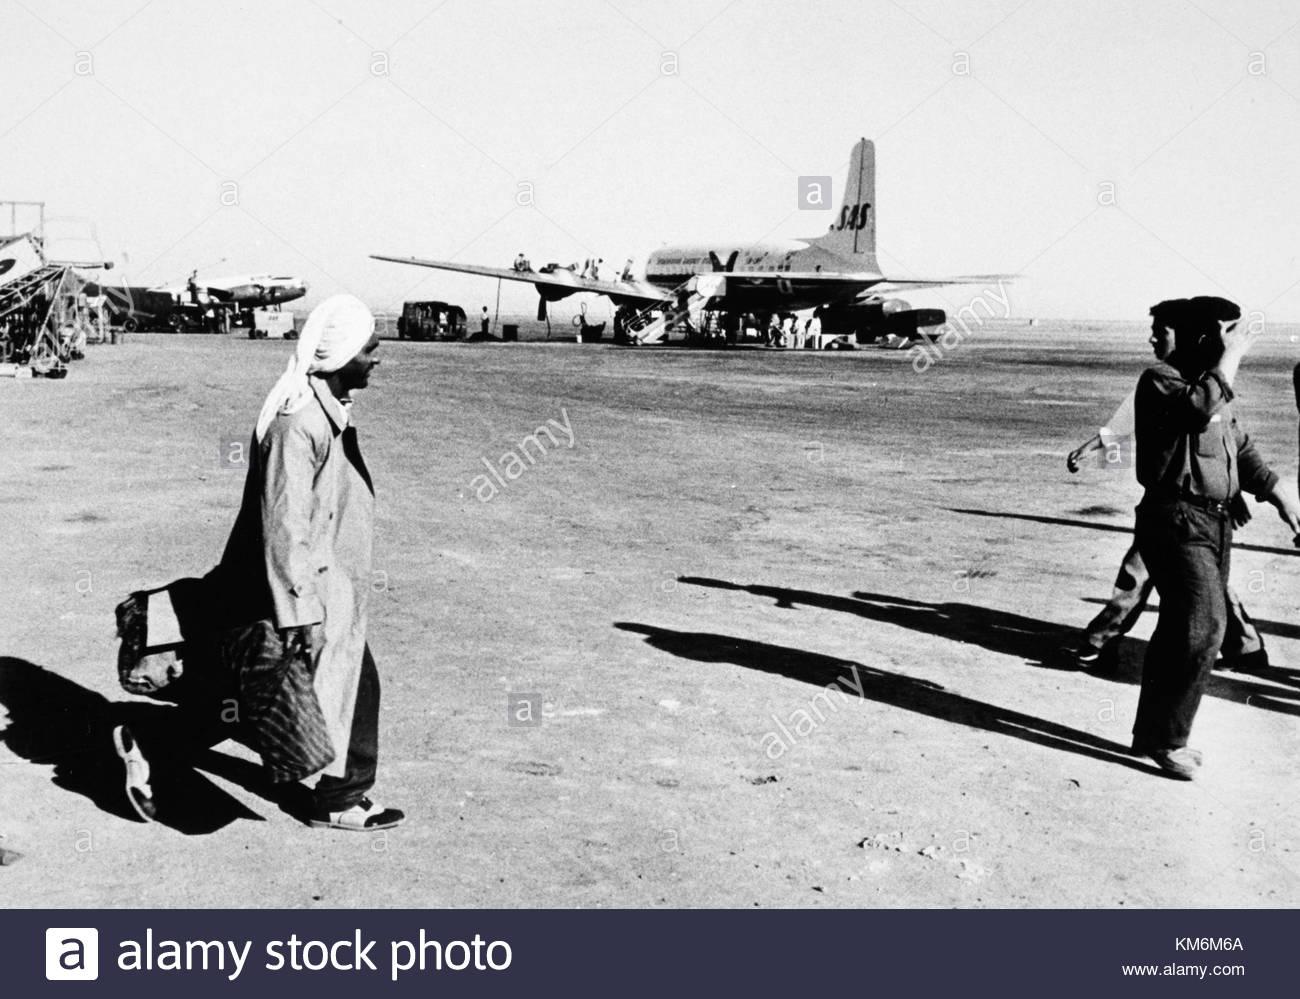 فرودگاه آبادان پتانسیل بالقوهی راهاندازی موزه پرواز